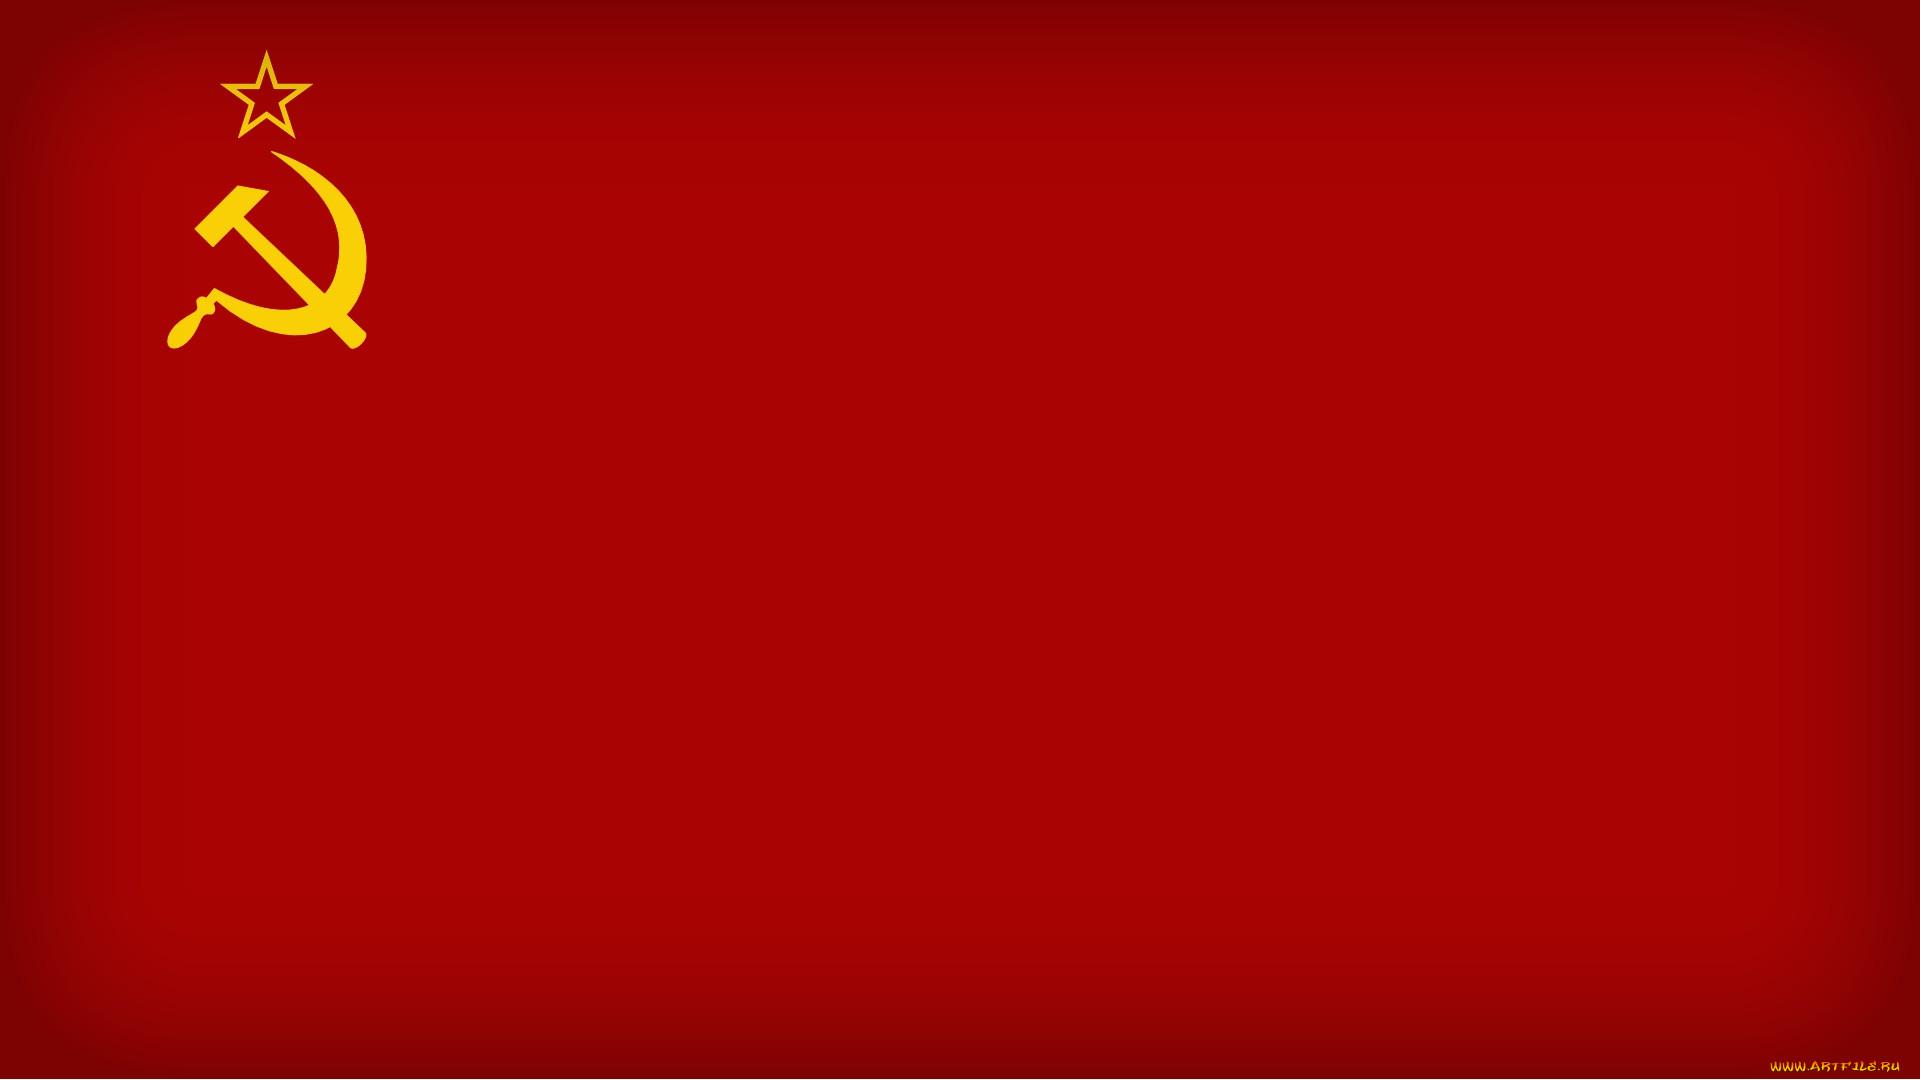 картинки с флагом ссср на телефон картинку надписью